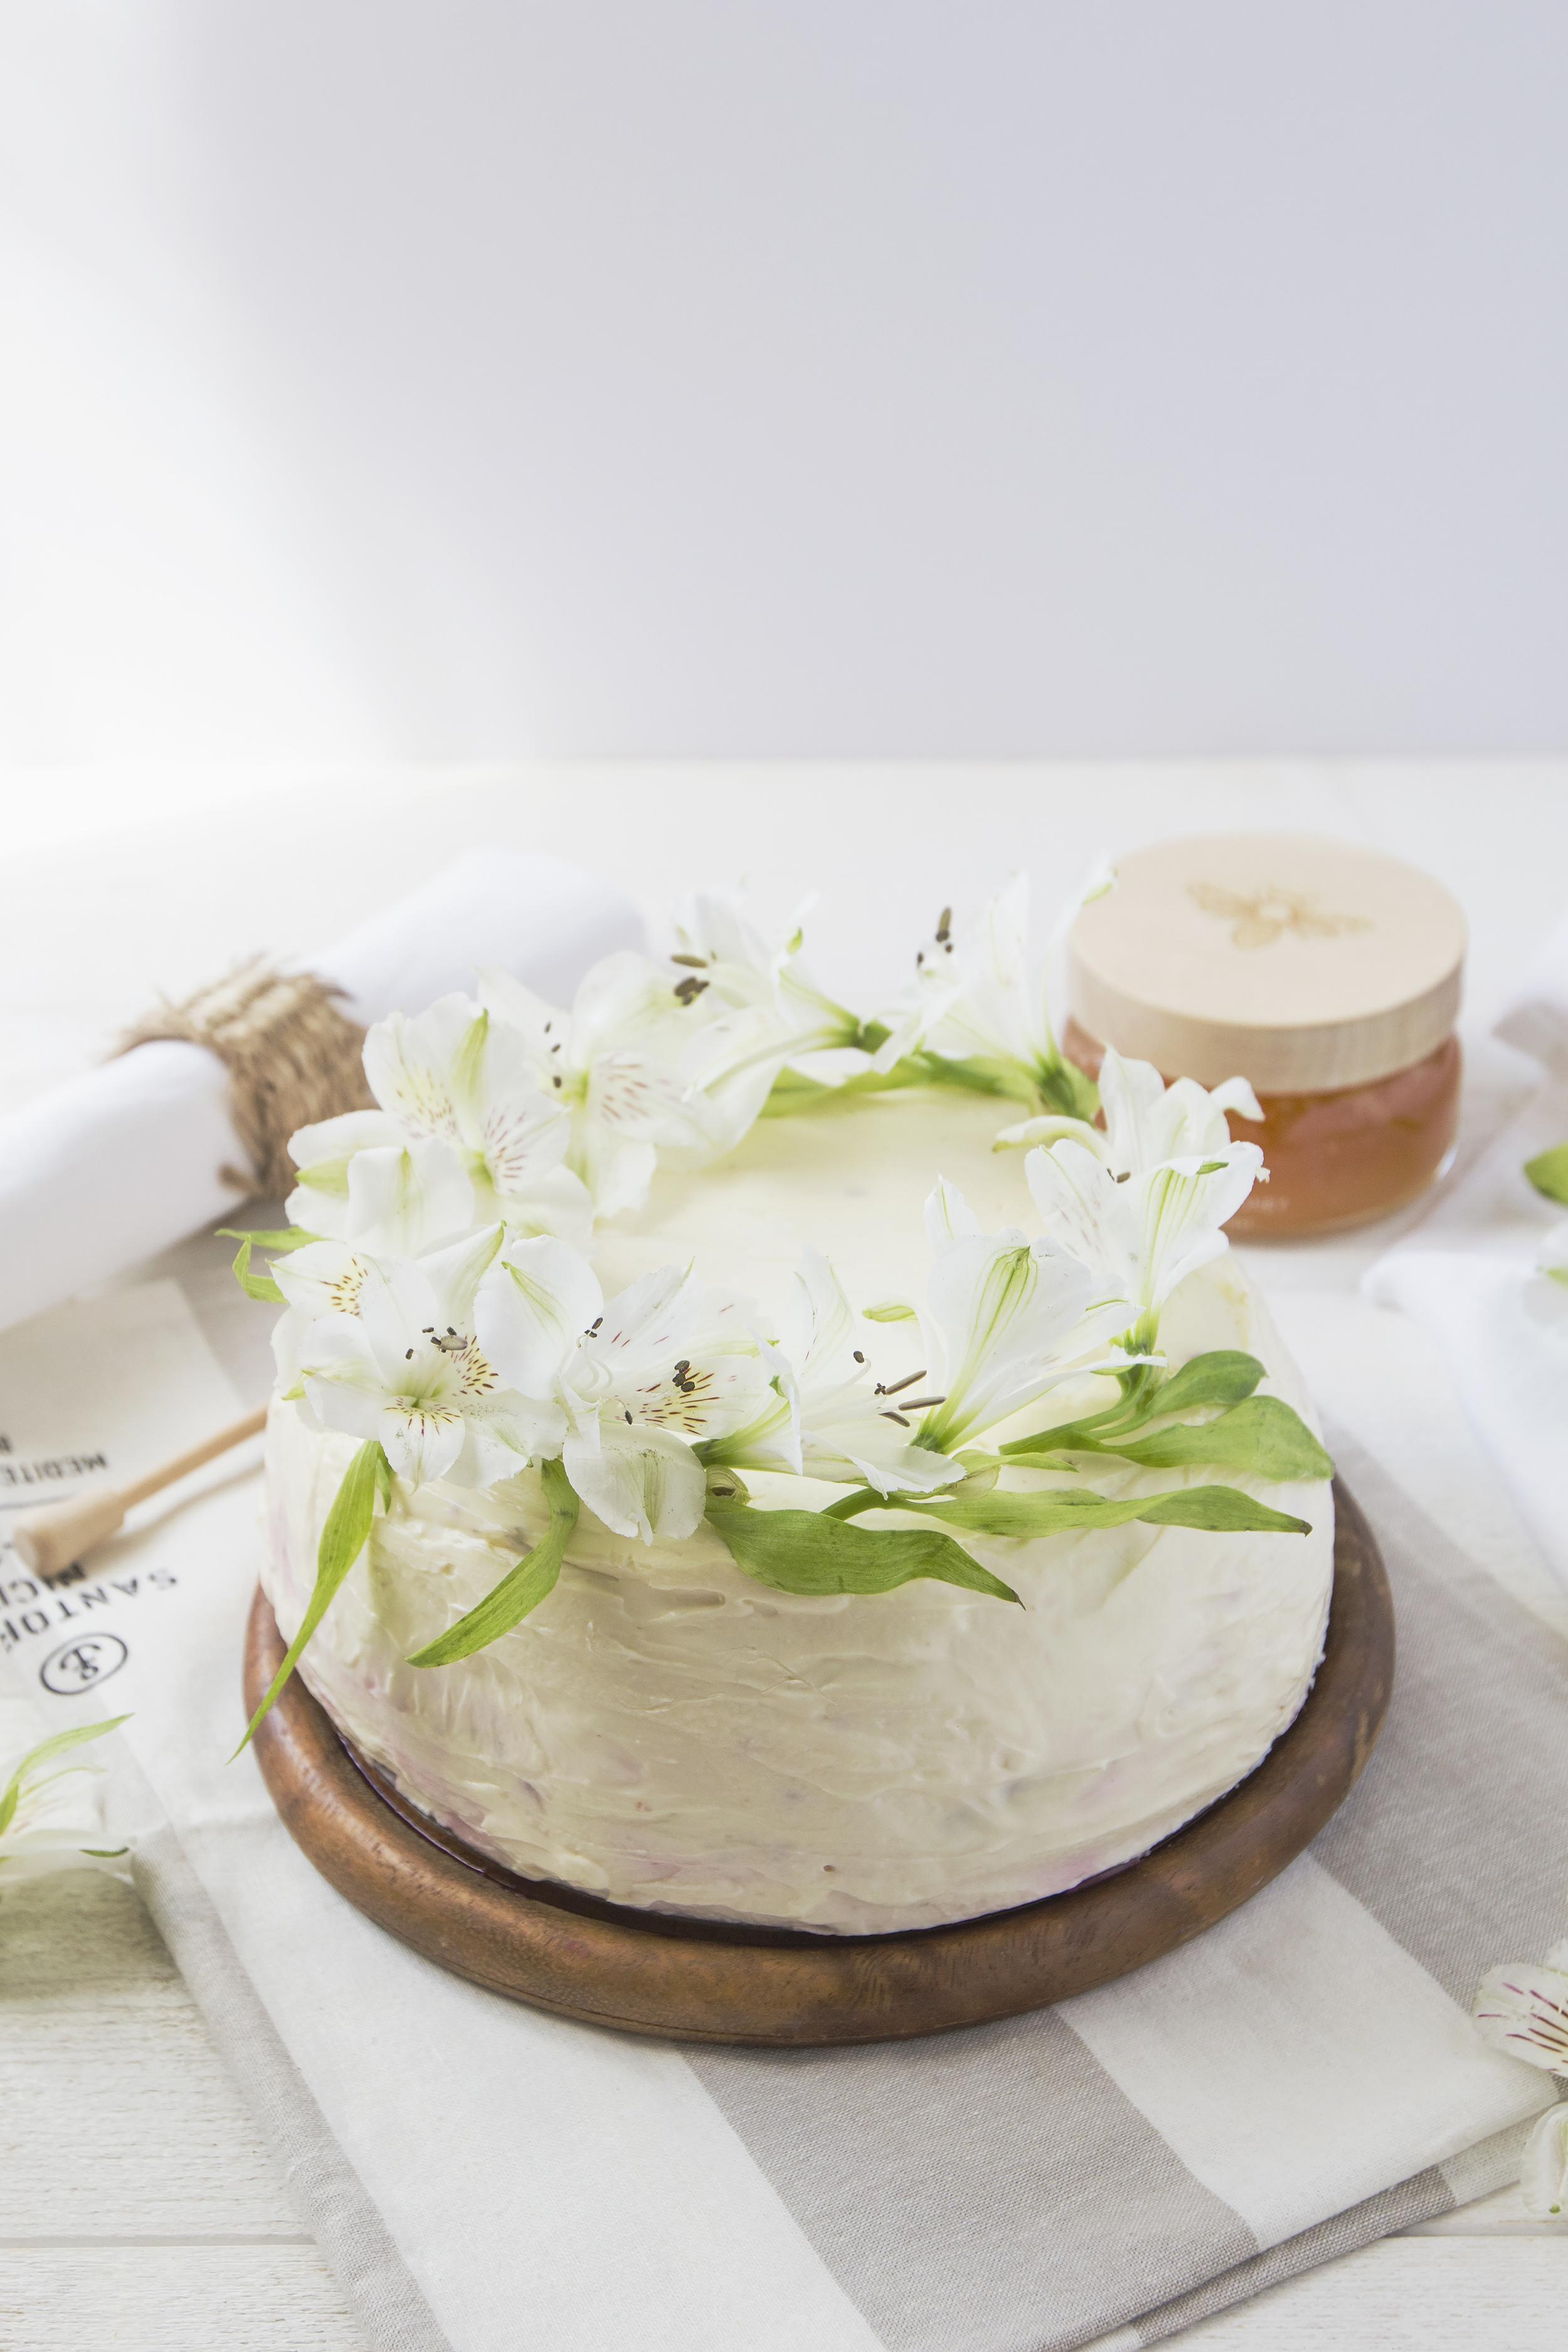 Nordic Honey_Mahemesi_Meekook vaarikate ja kardemoniga